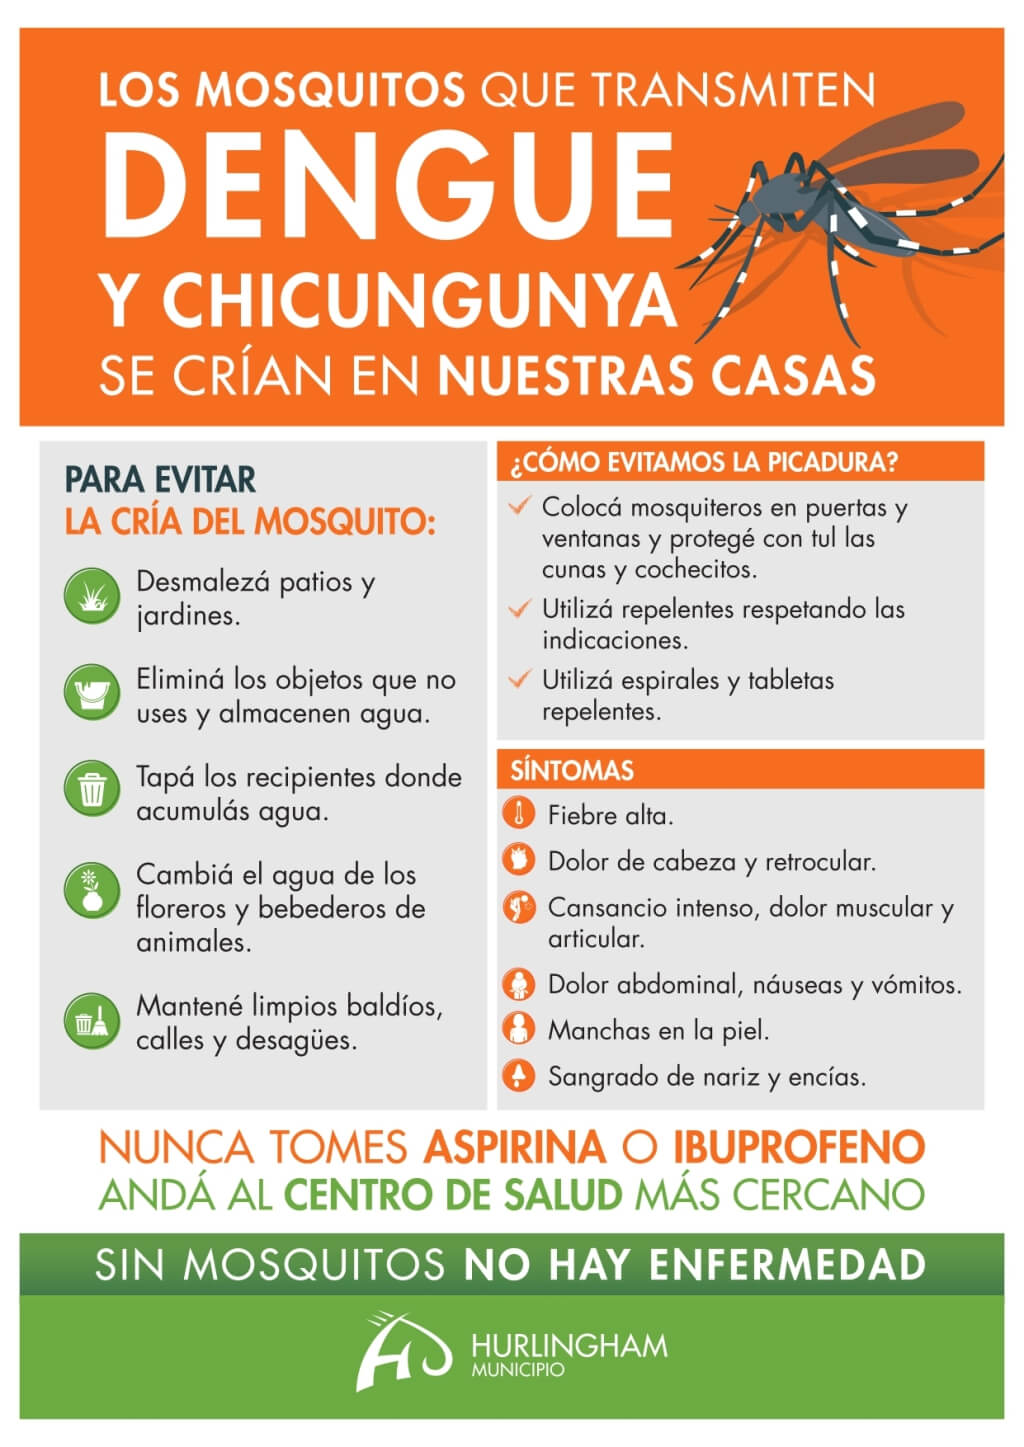 Dengue - Prevención - Municipalidad de Hurlingham